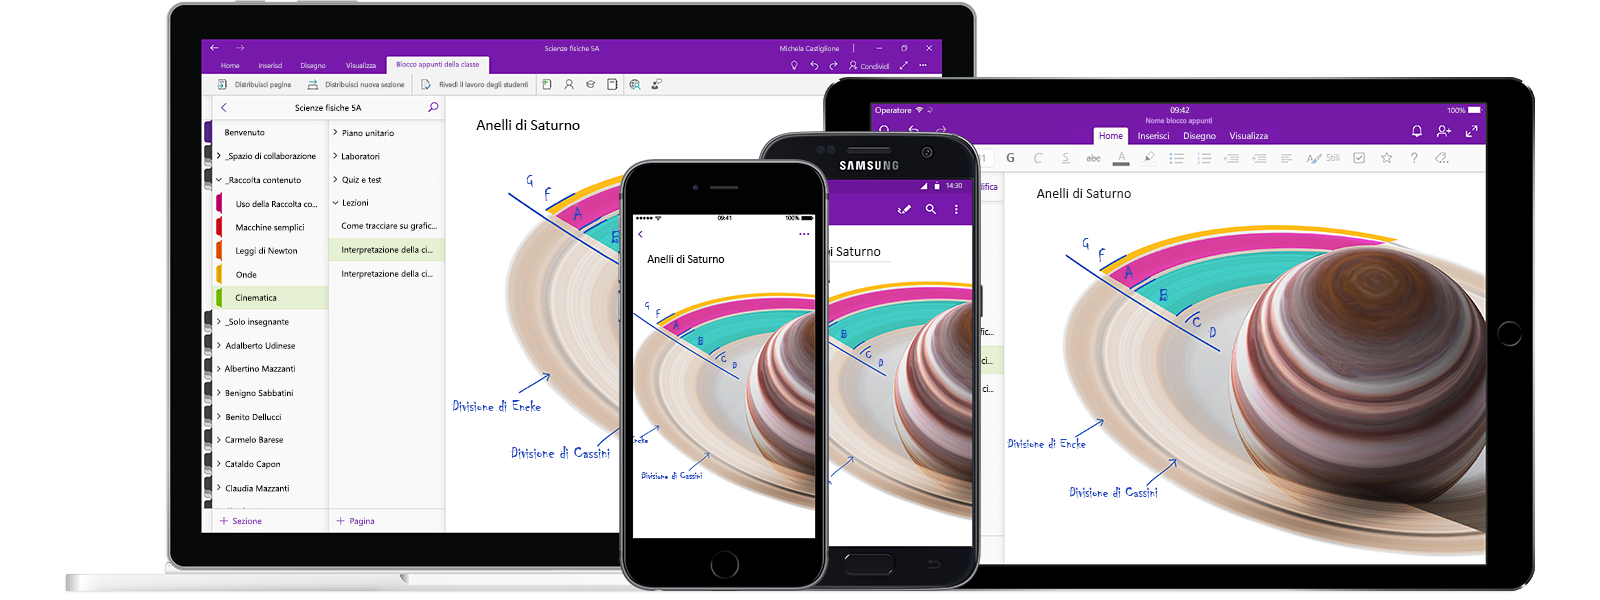 Blocco appunti di OneNote che visualizza una lezione sui grafici lineari in due smartphone e due tablet